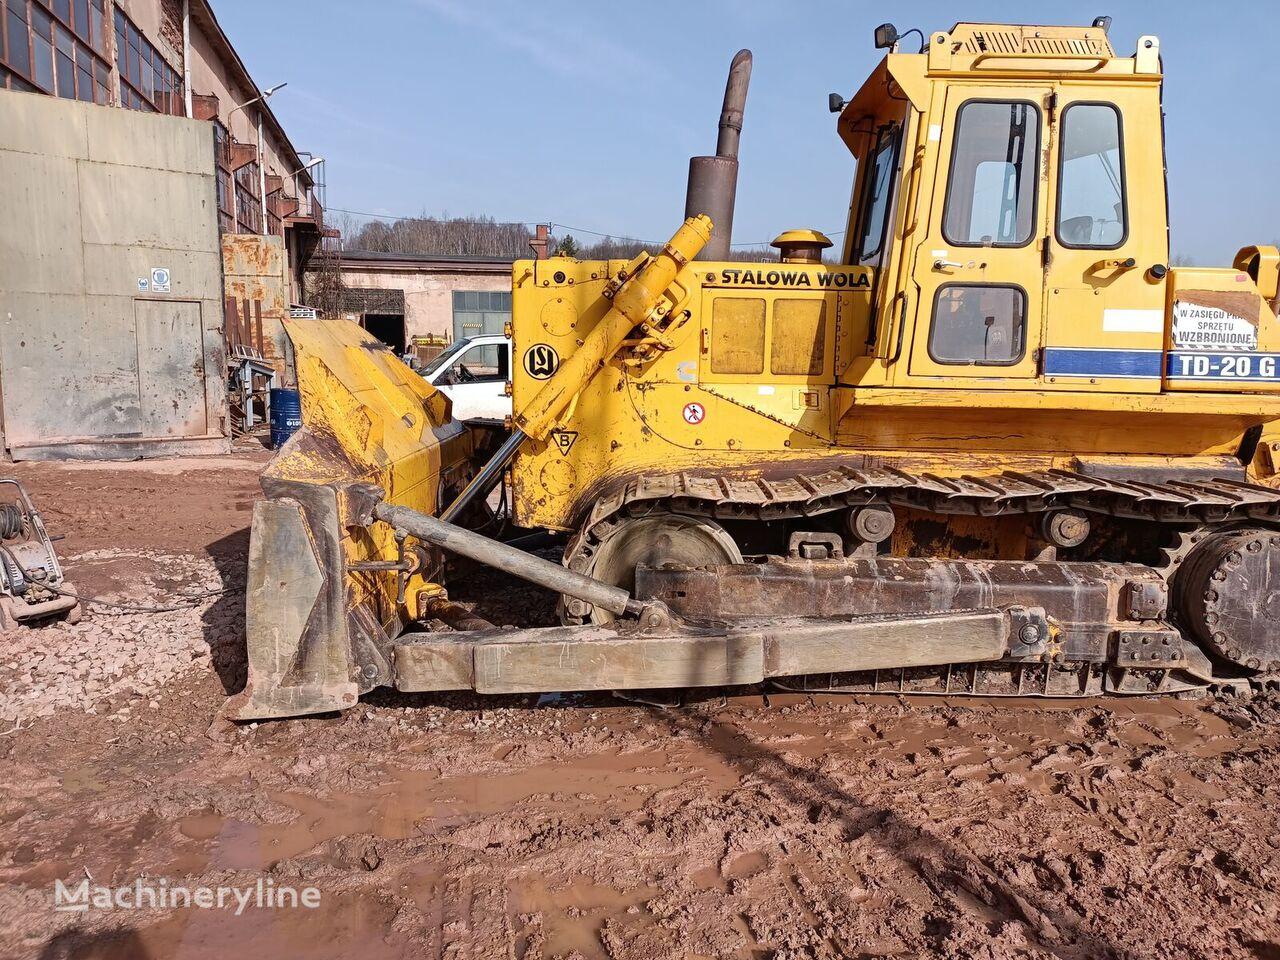 STALOWA Wola DT20G 2009 rok 7300mtg 24 Tony TD- 20 G bulldozer